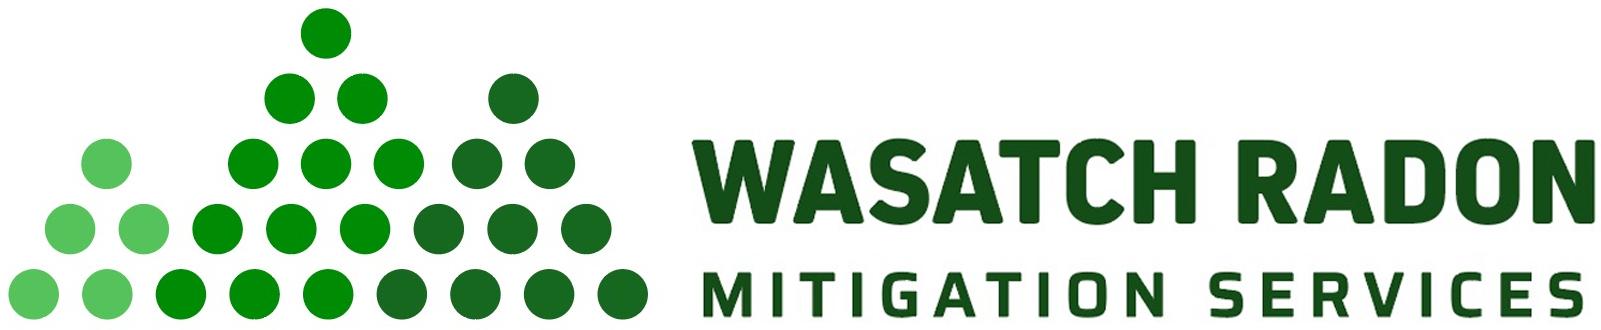 Wasatch Radon